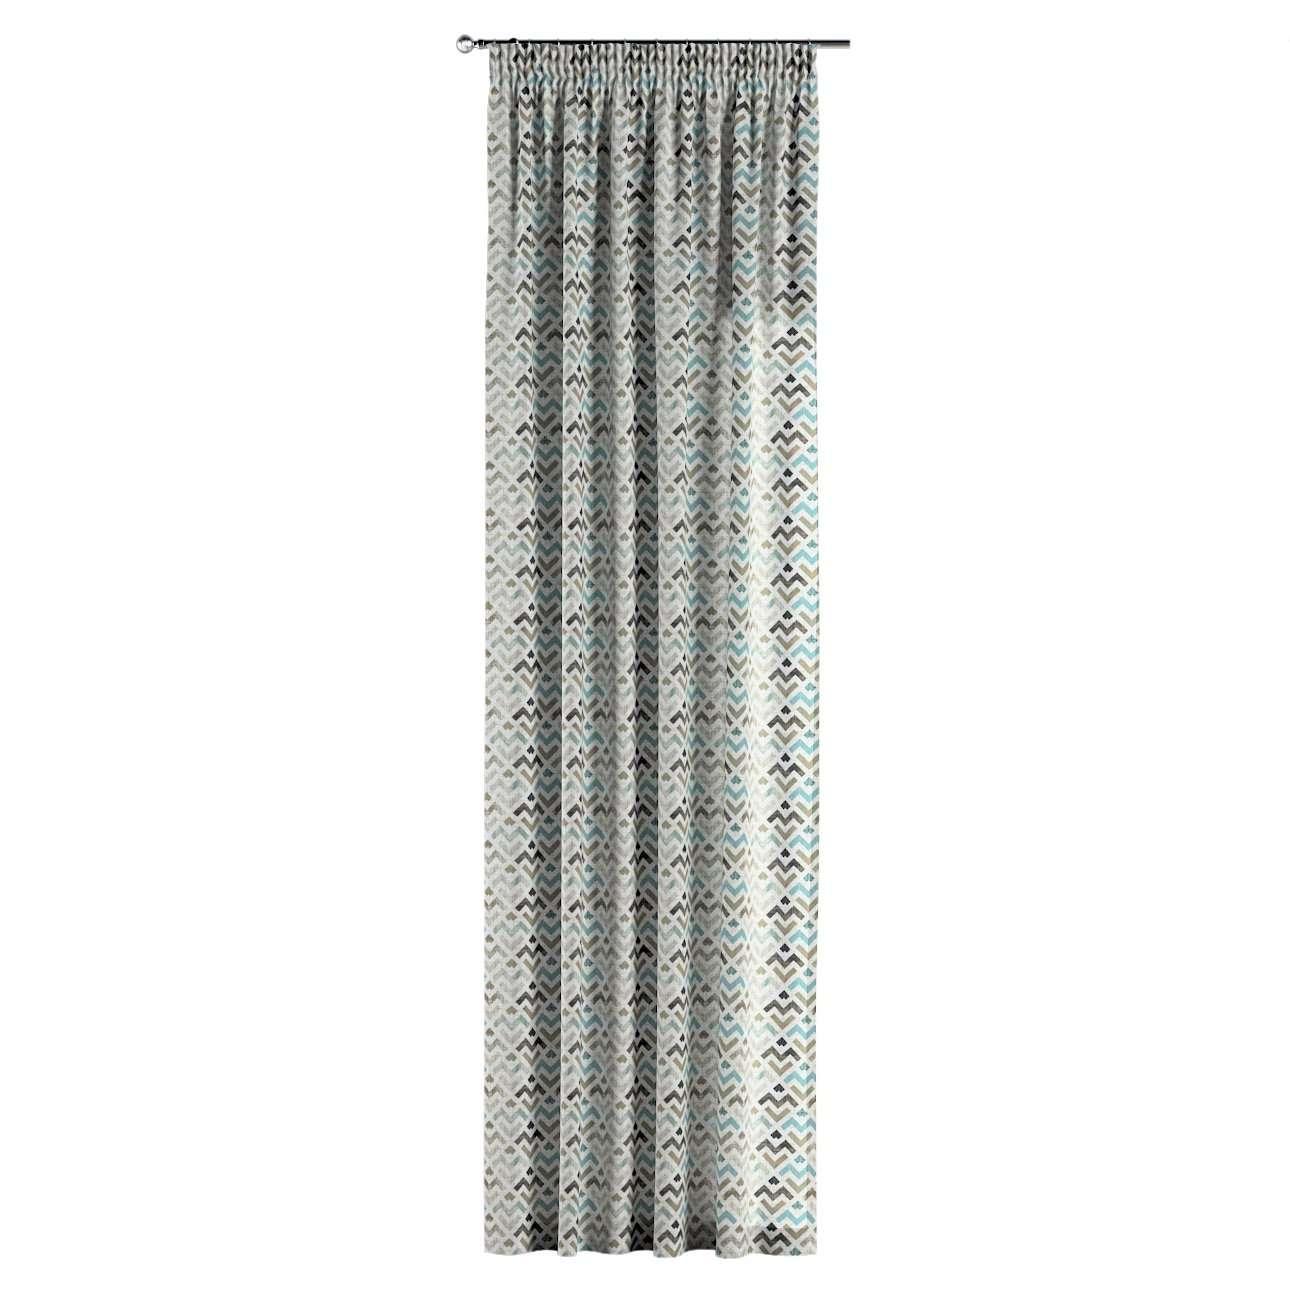 Vorhang mit Kräuselband von der Kollektion Modern, Stoff: 141-93